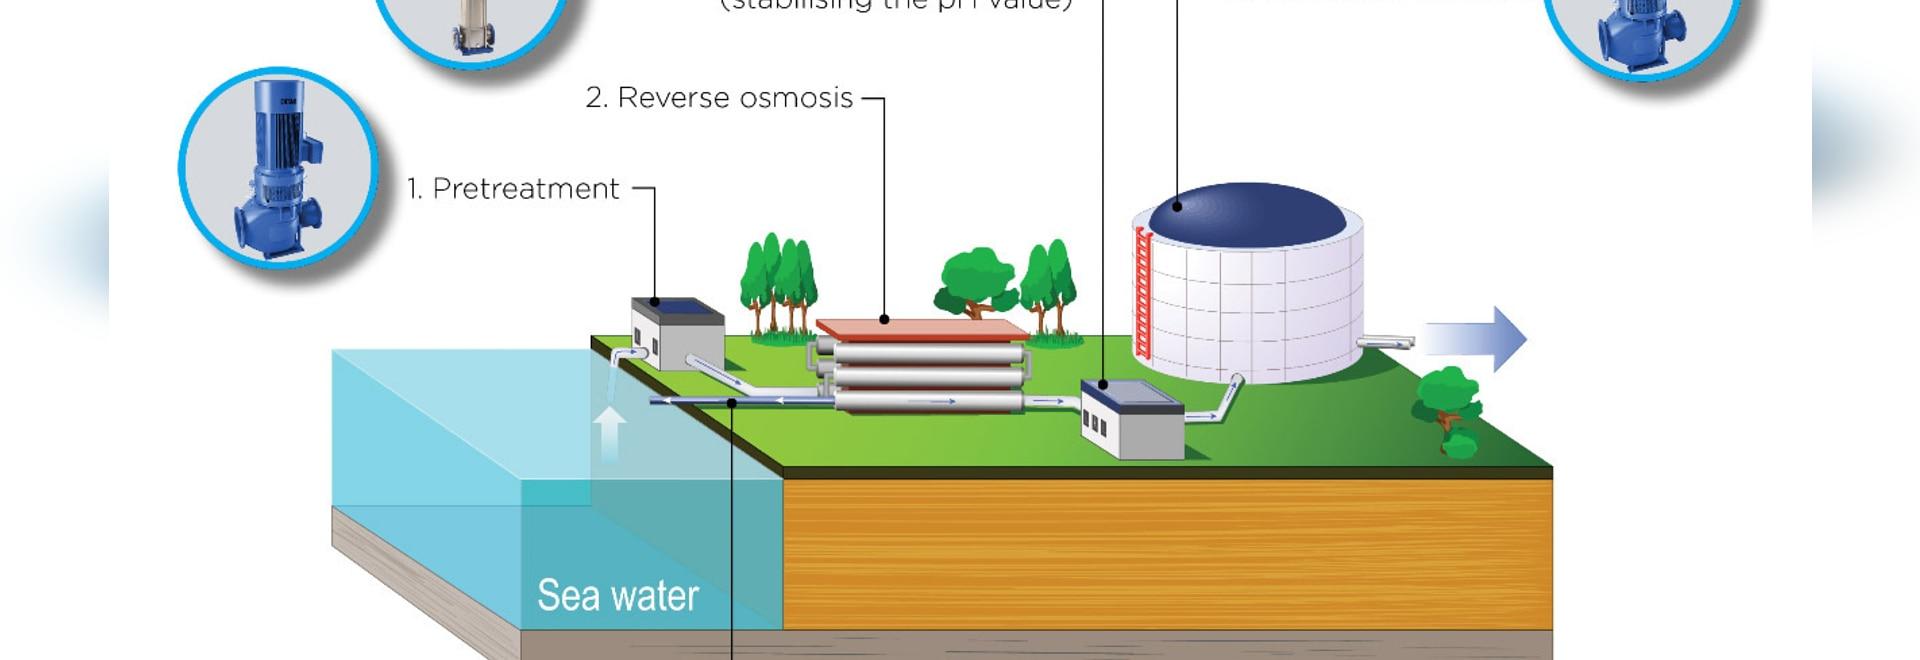 Dependable DESMI pumps meet desalination demands